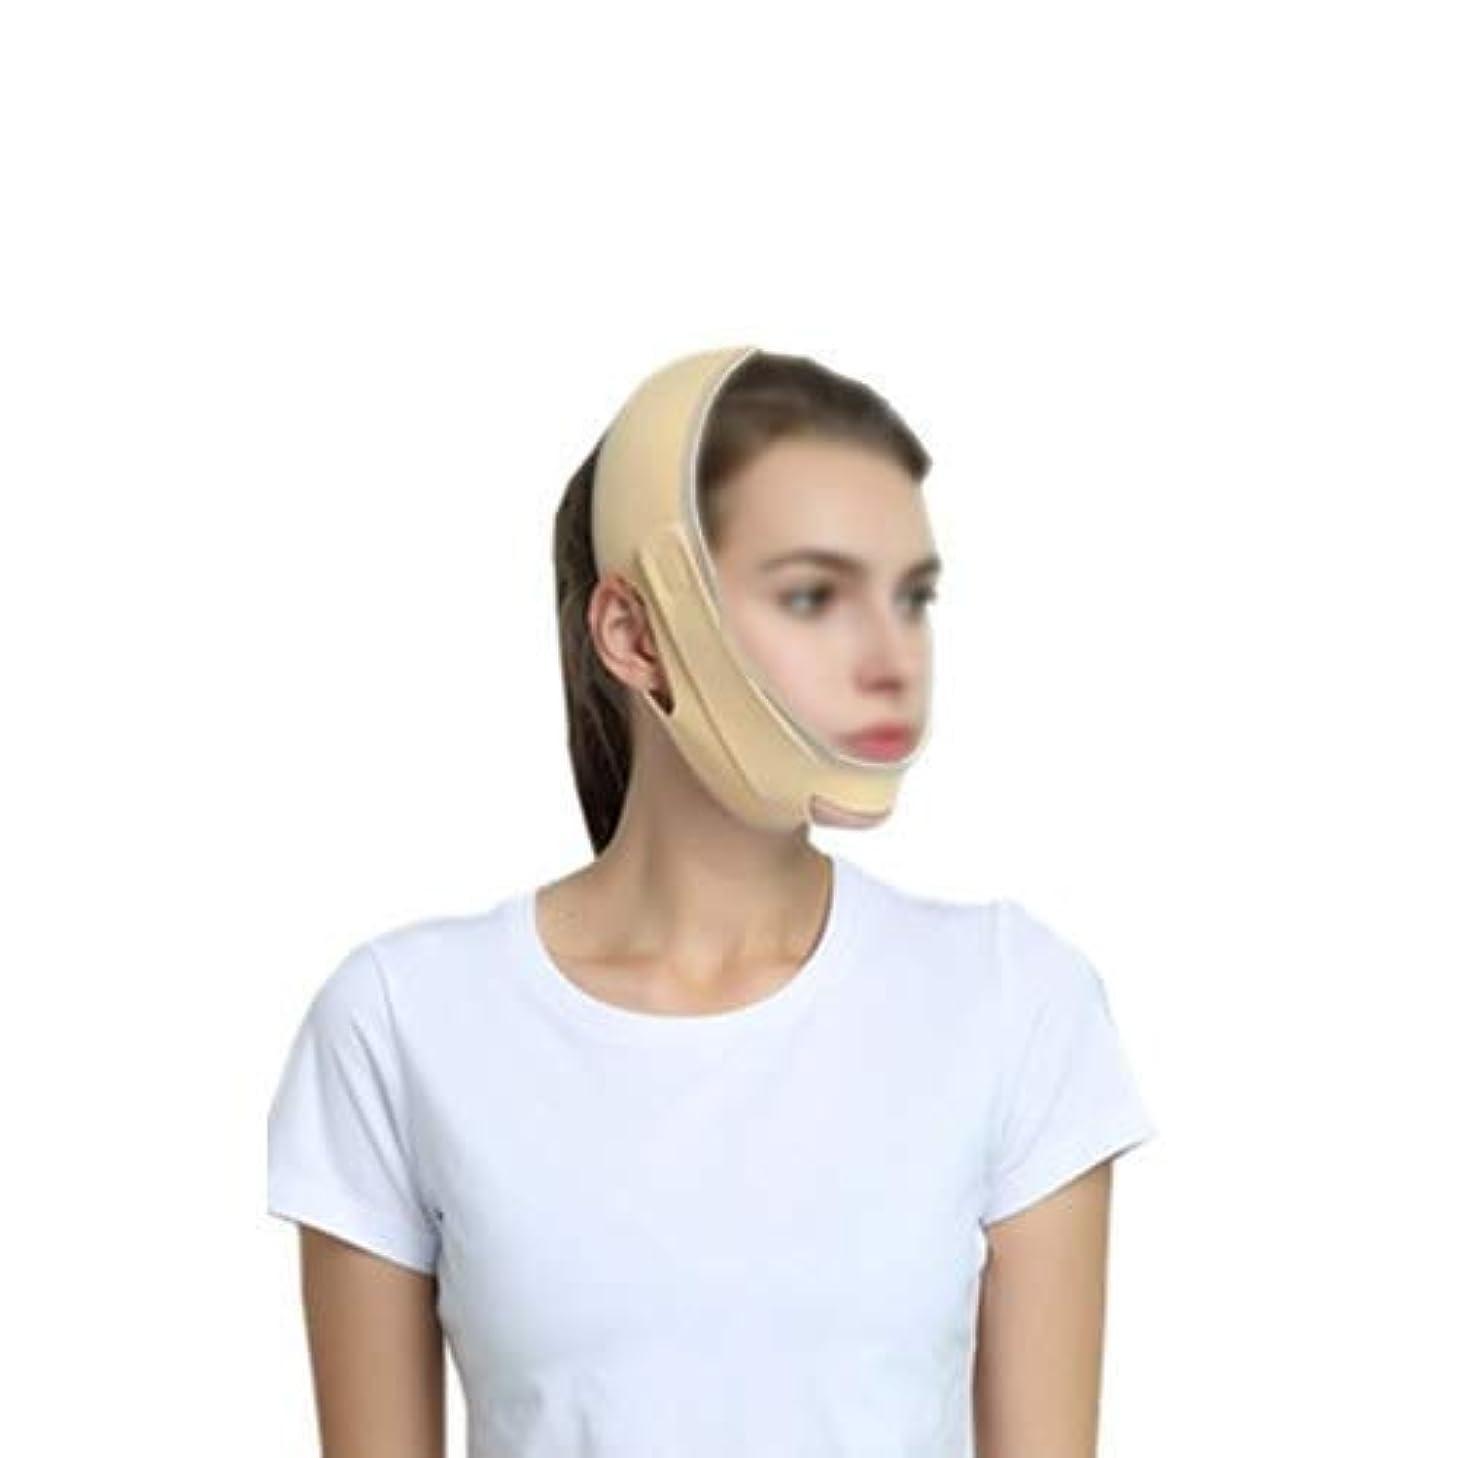 プラスチック予防接種シリアルフェイスリフトマスクフェイスアンドネックリフトポストエラスティックスリーブ下顎骨セットフェイスアーティファクトVフェイスフェイシャルフェイスバンドルダブルチンマスクブラックフェイスアーティファク(色:A)